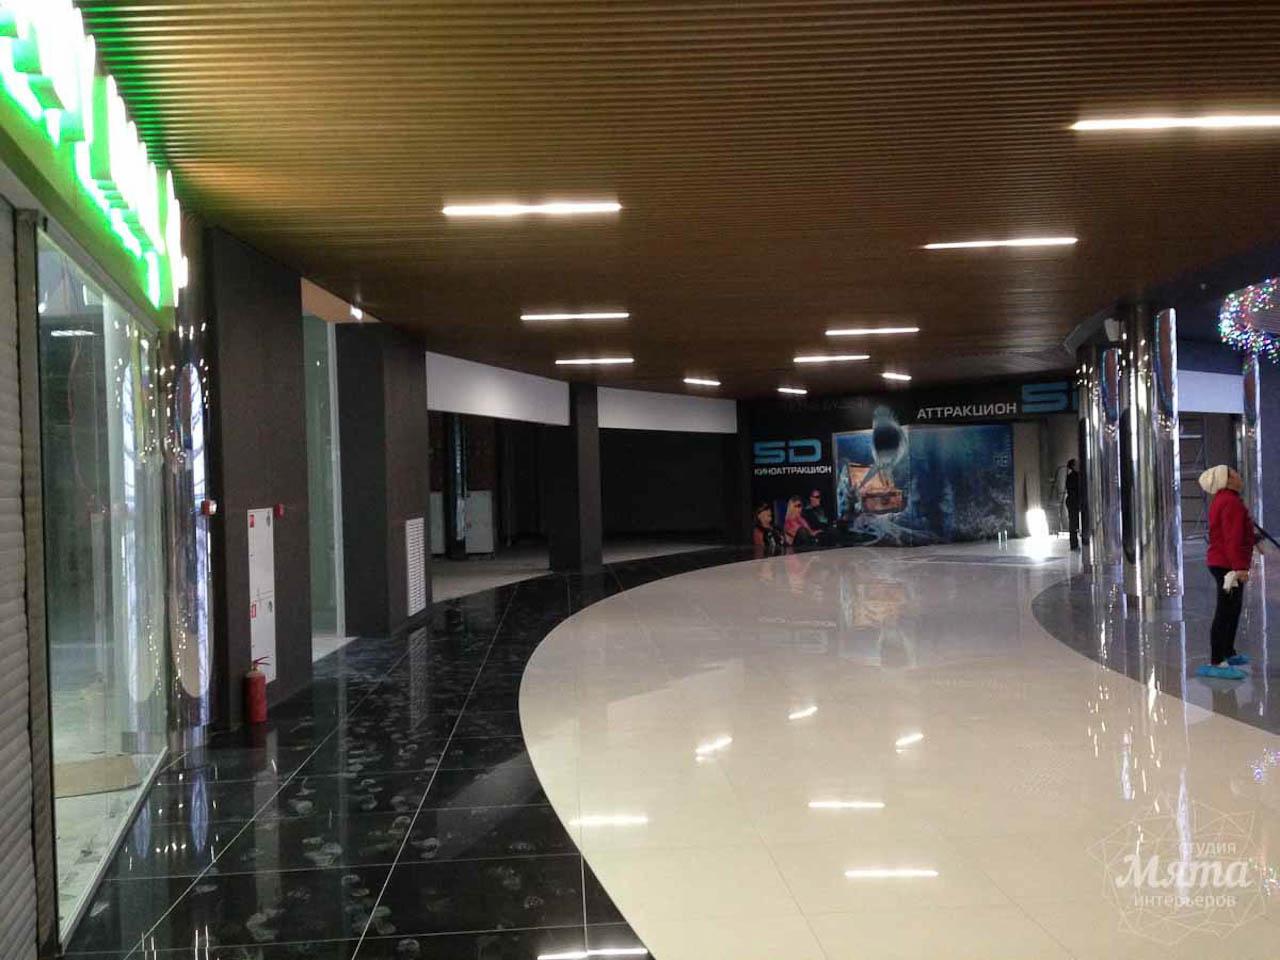 Дизайн интерьера и ремонт детского гипермаркета по ул. Щербакова 4 31